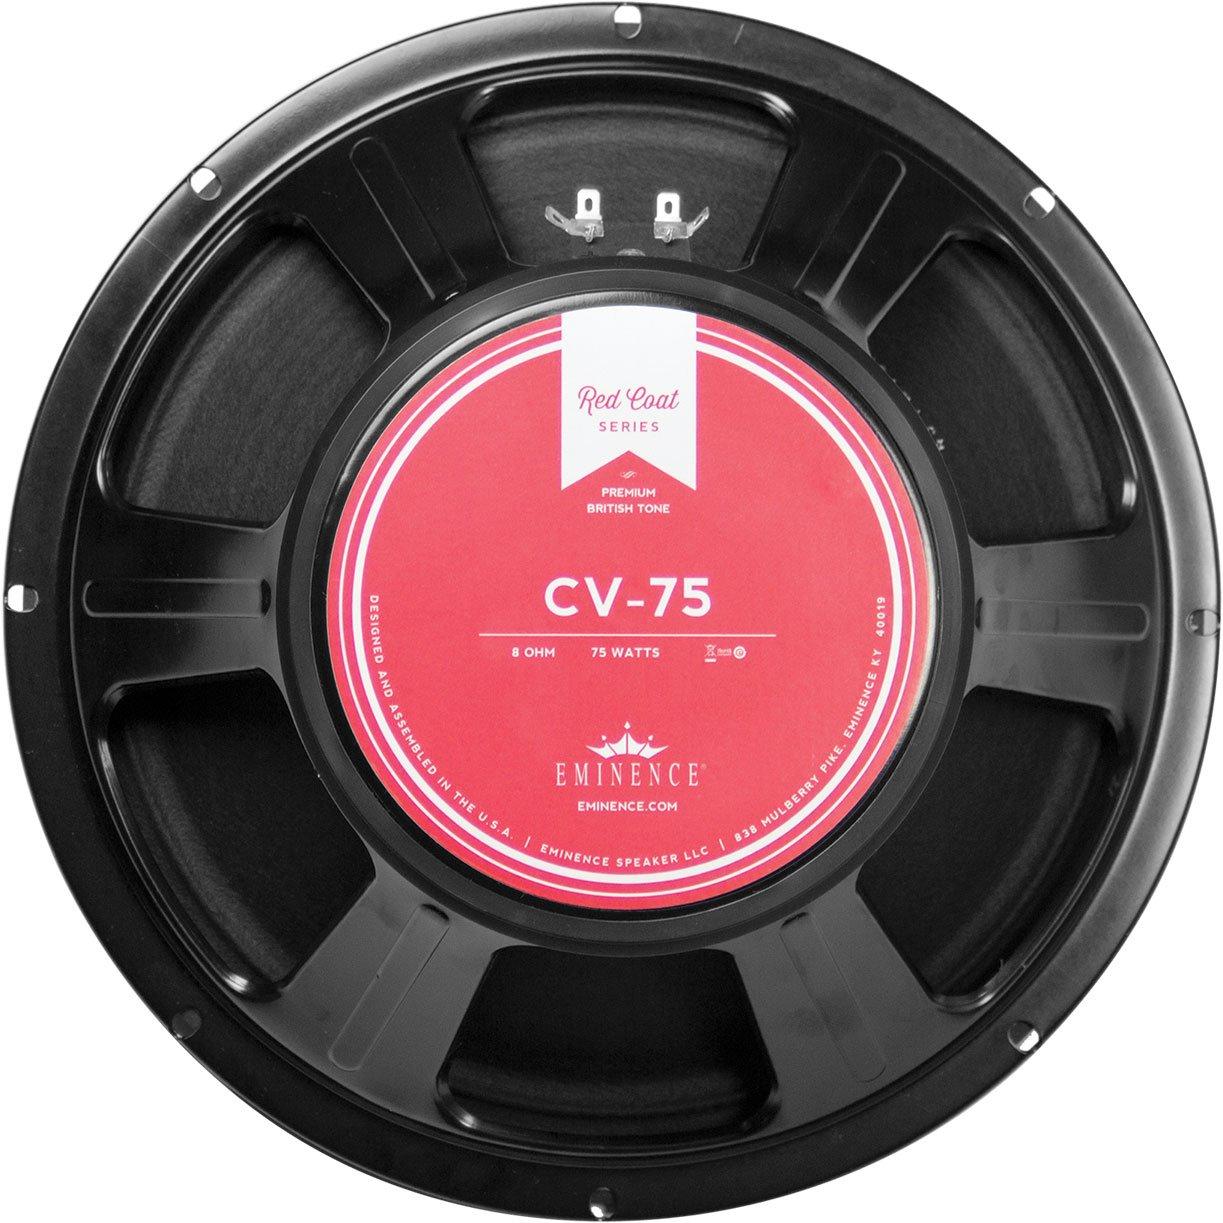 EMINENCE CV-75 12IN 8